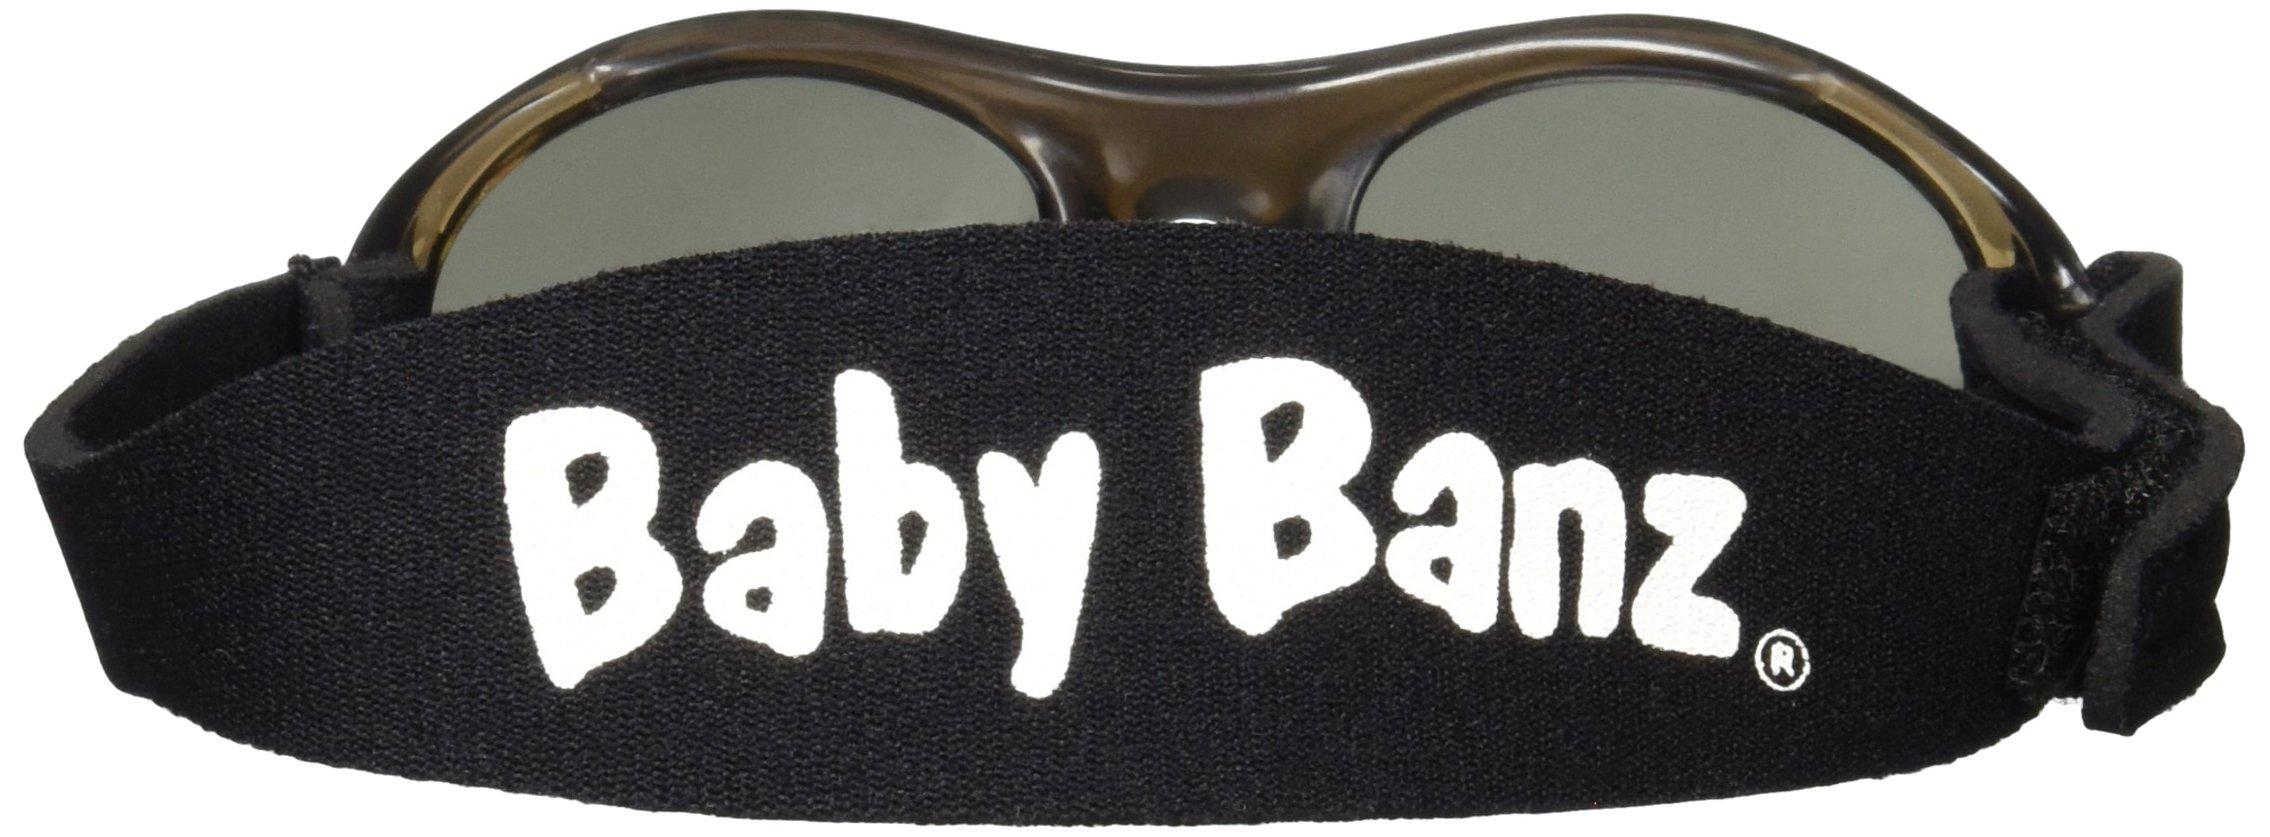 Baby Banz - Gafas de sol Ovaladas para niños, Black, 0-2 anos 4